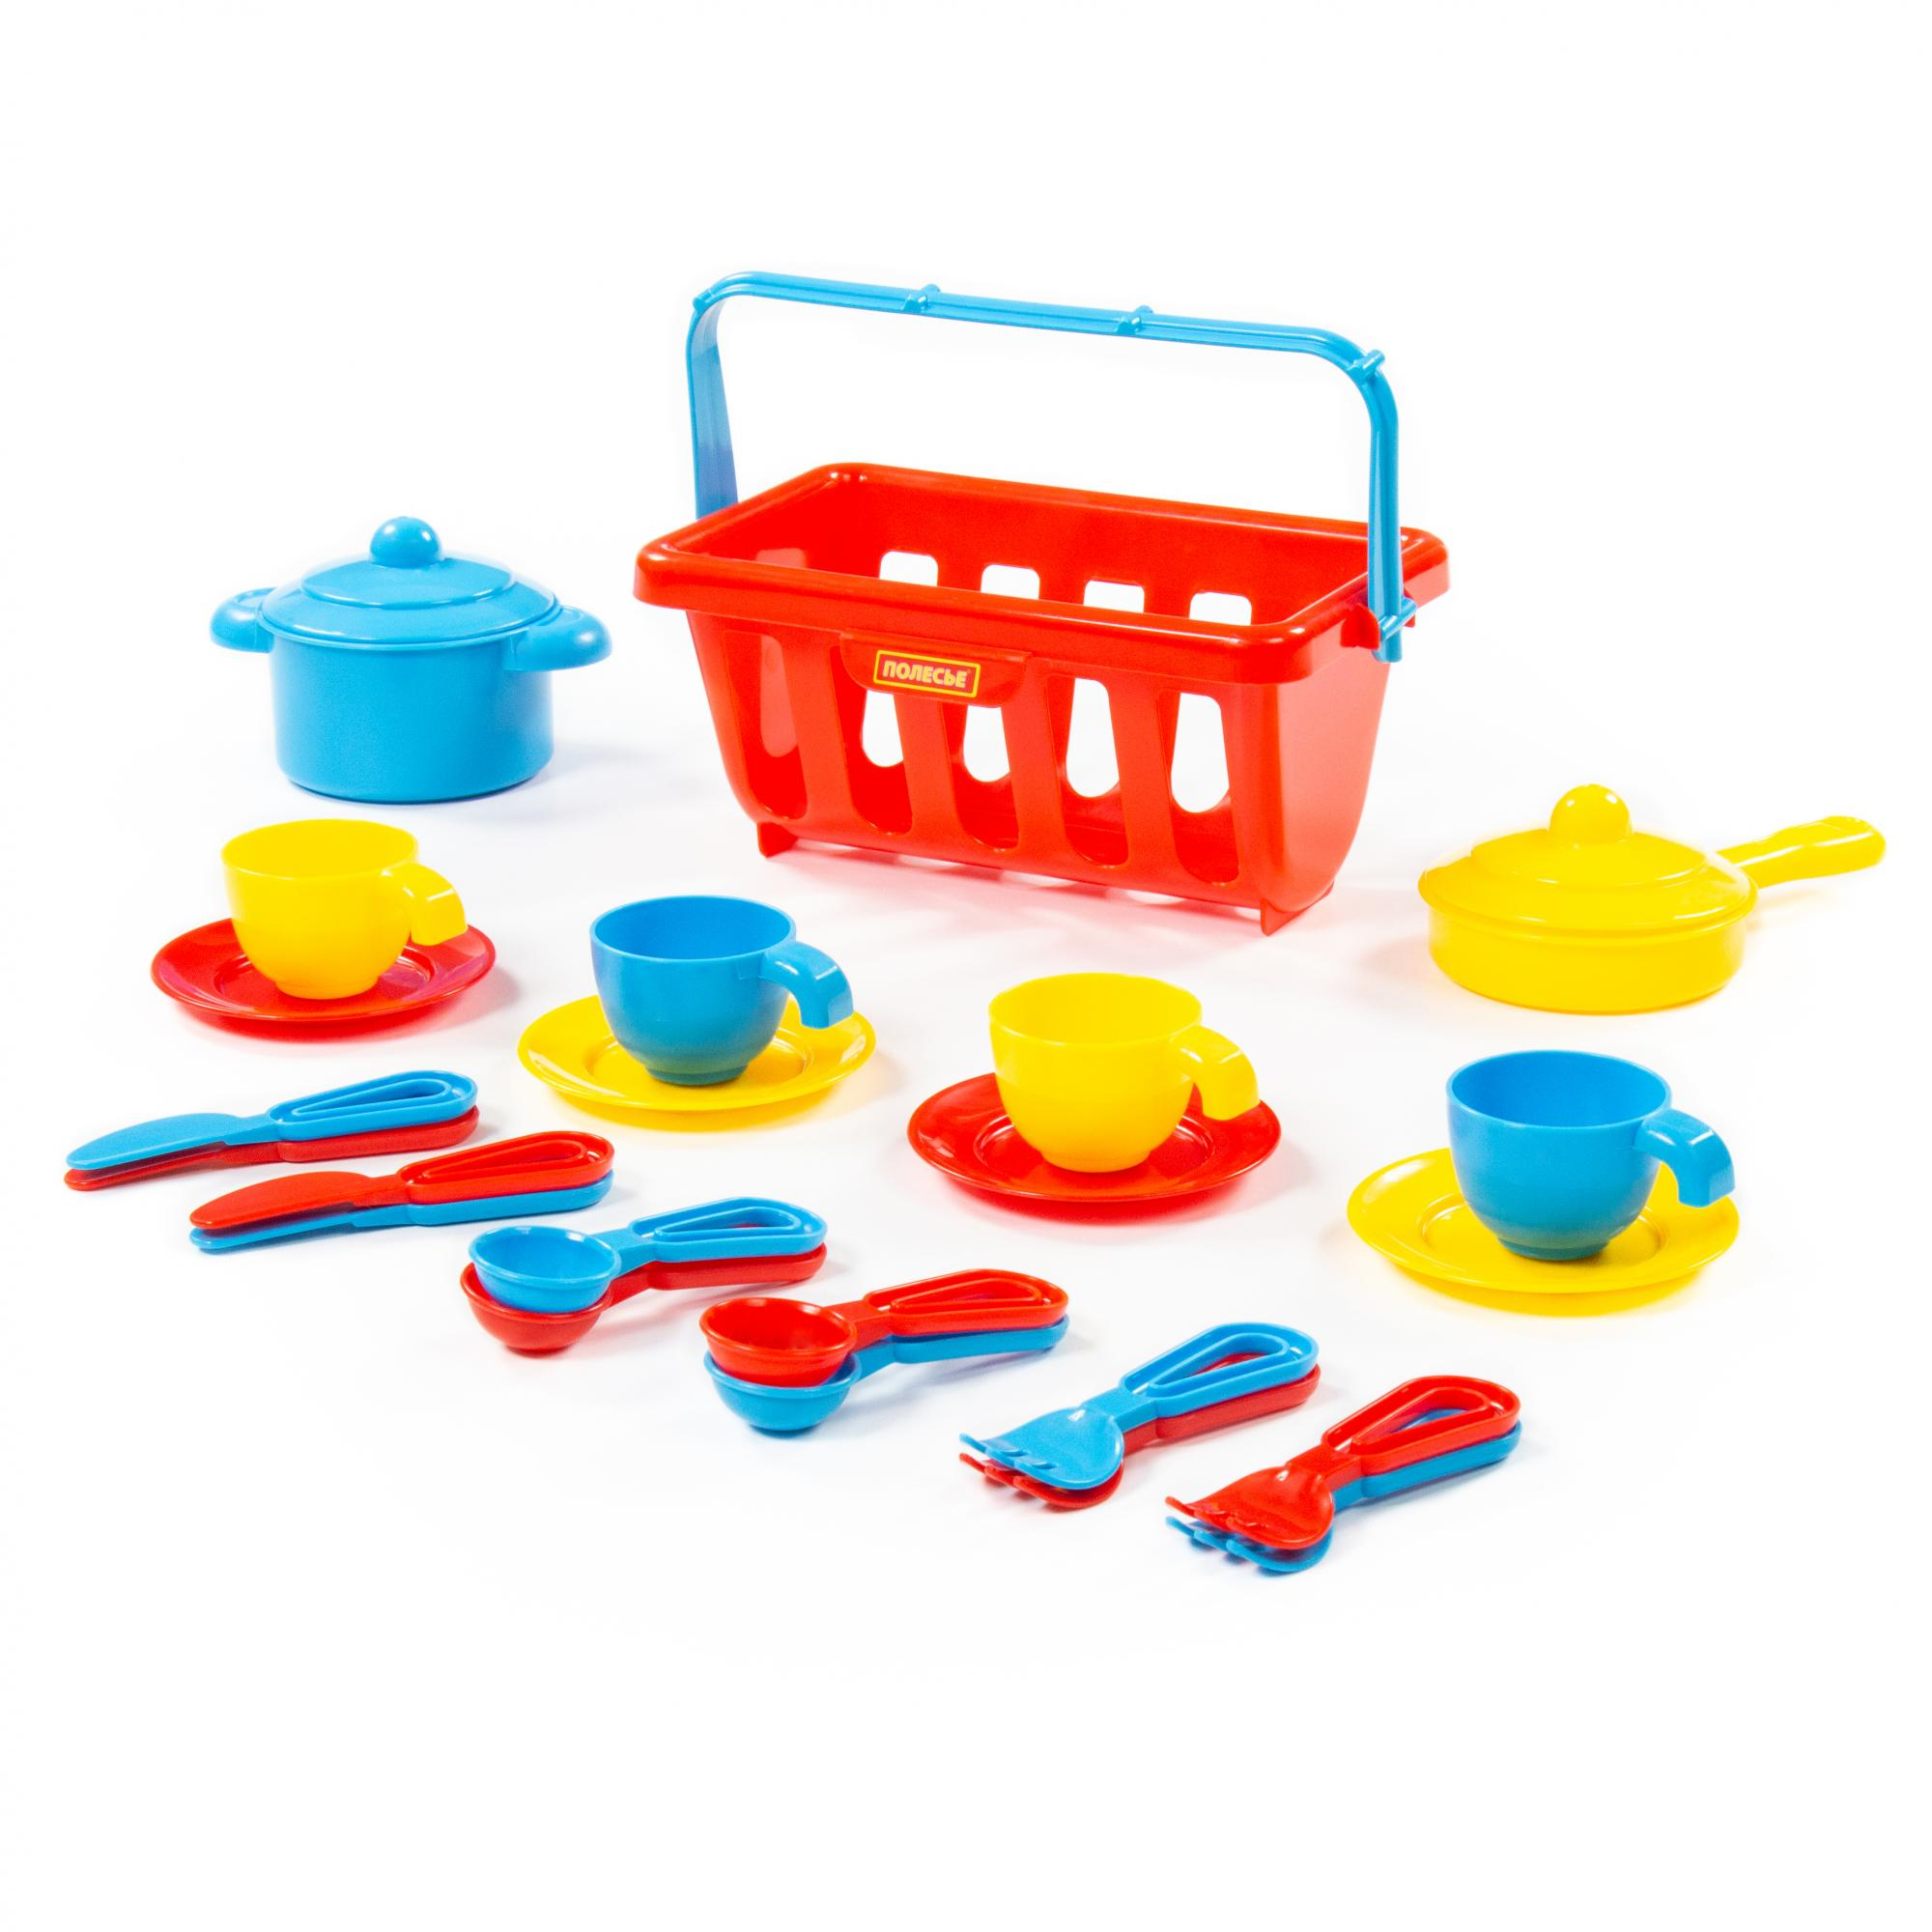 Набор детской посуды TOP chef с корзинкой №2 на 4 персоны в сеточке